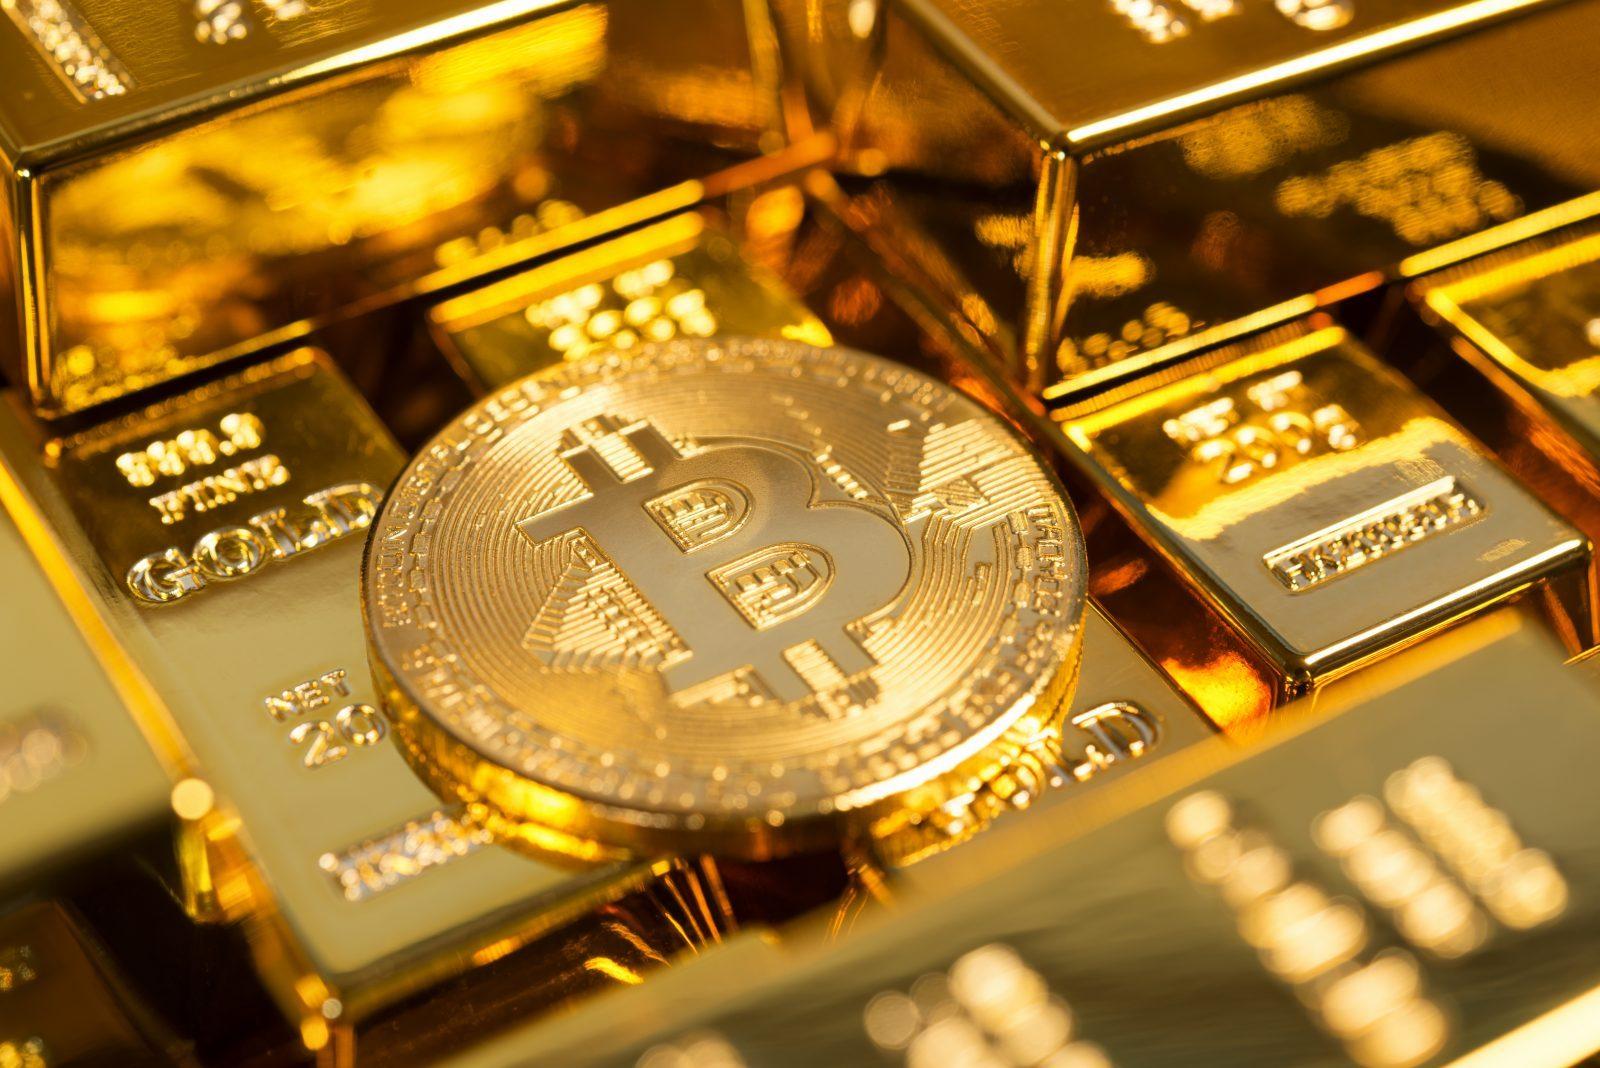 Đến người dân xứ chuộng vàng cũng chuyển sang mê bitcoin - Ảnh 2.